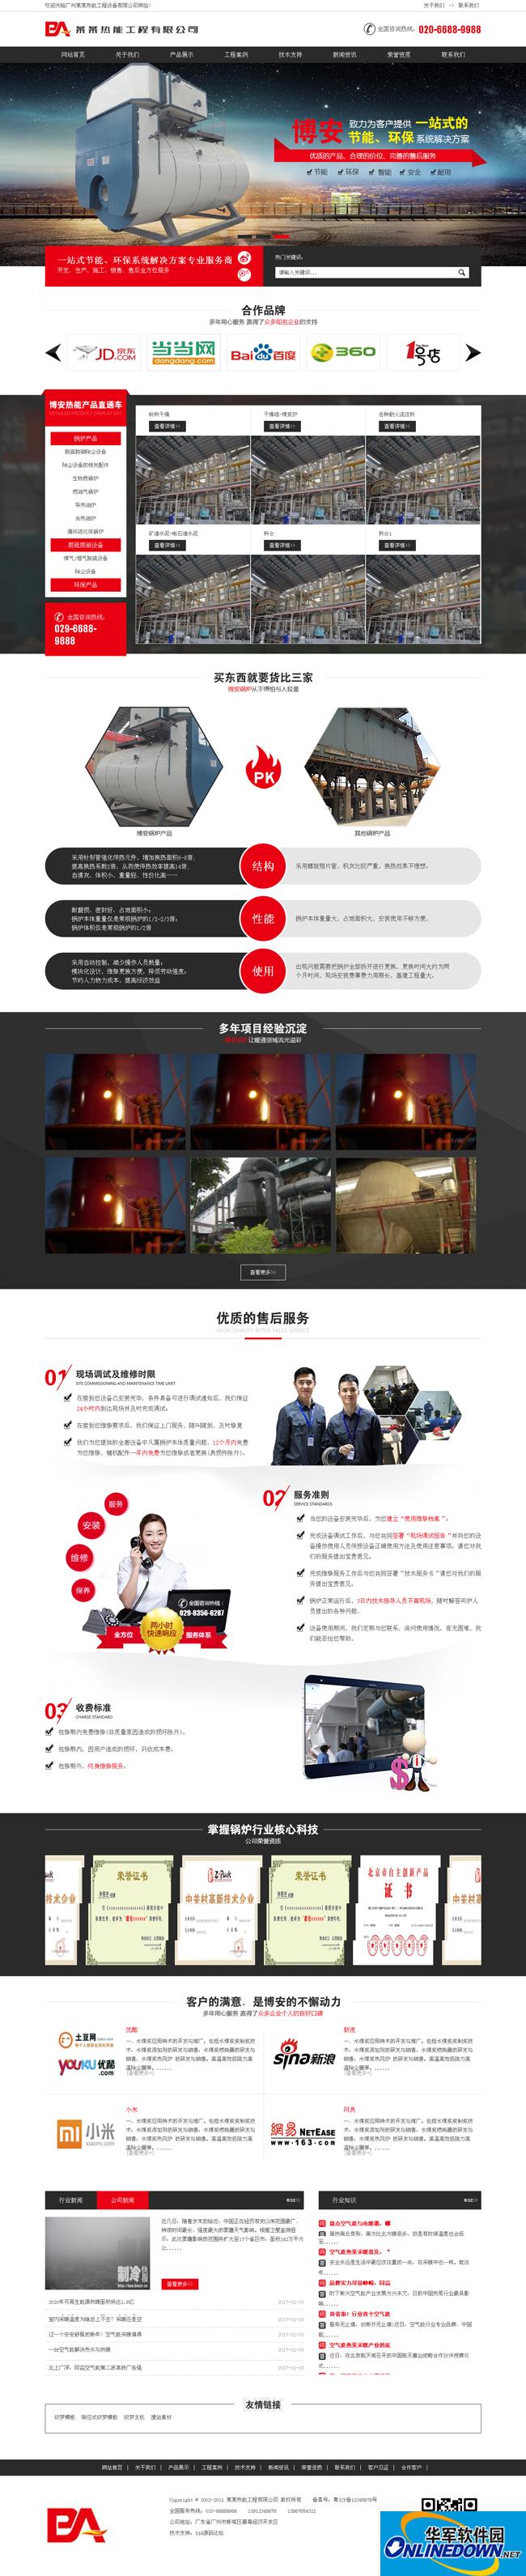 营销型热能工程设备类网站织梦模板带手机端织梦内核开源程